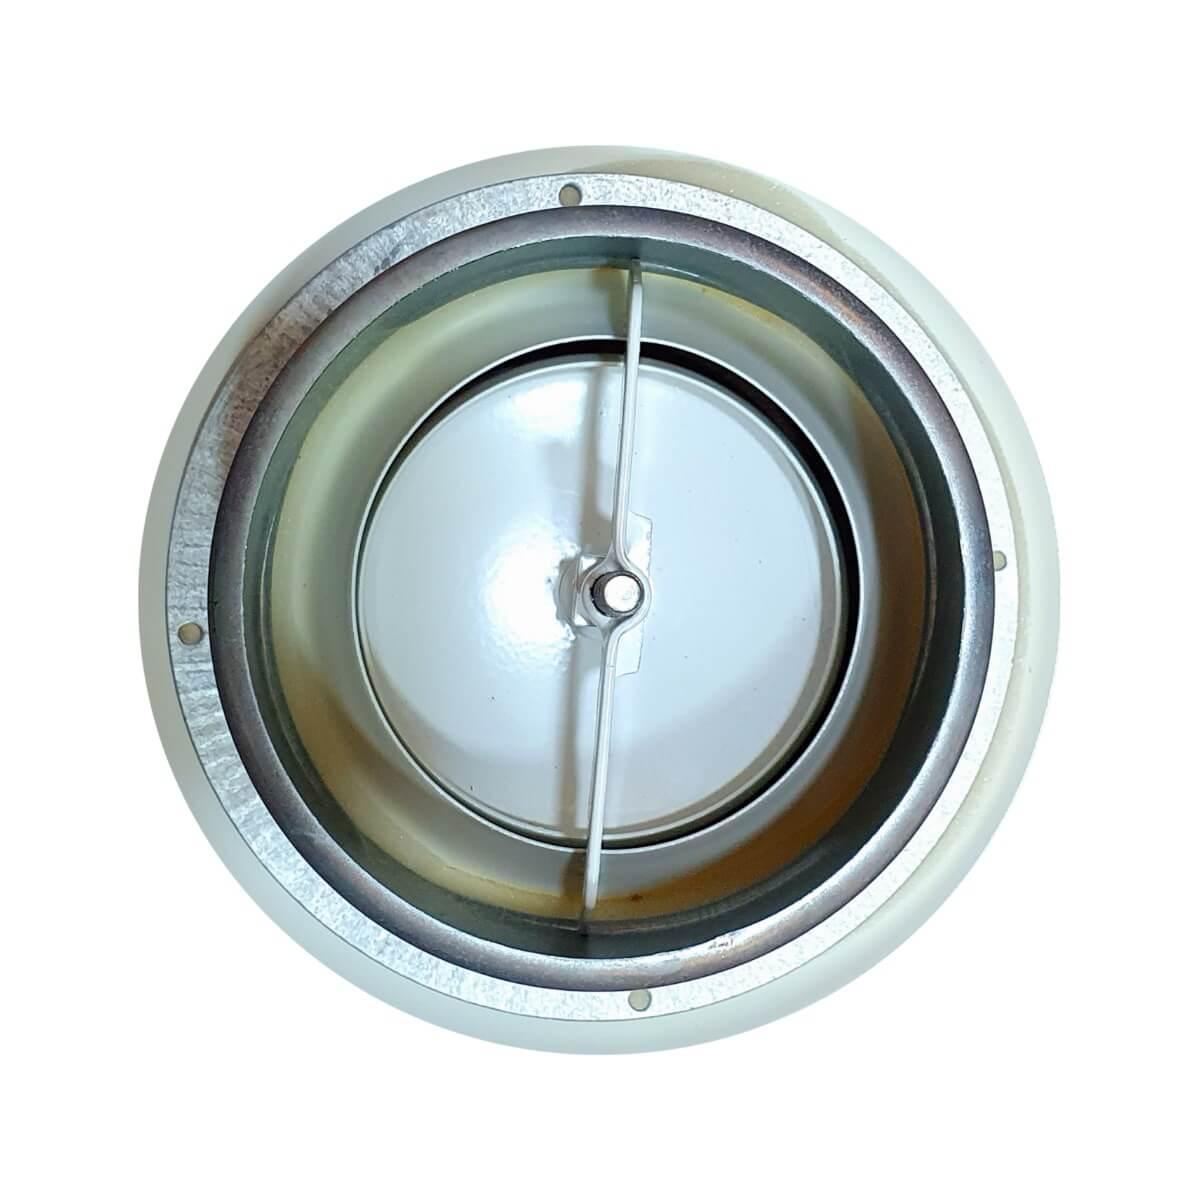 Difusor Redondo Regulavel Metalica Mod: BOC-160 S&P  - Nova Exaustores